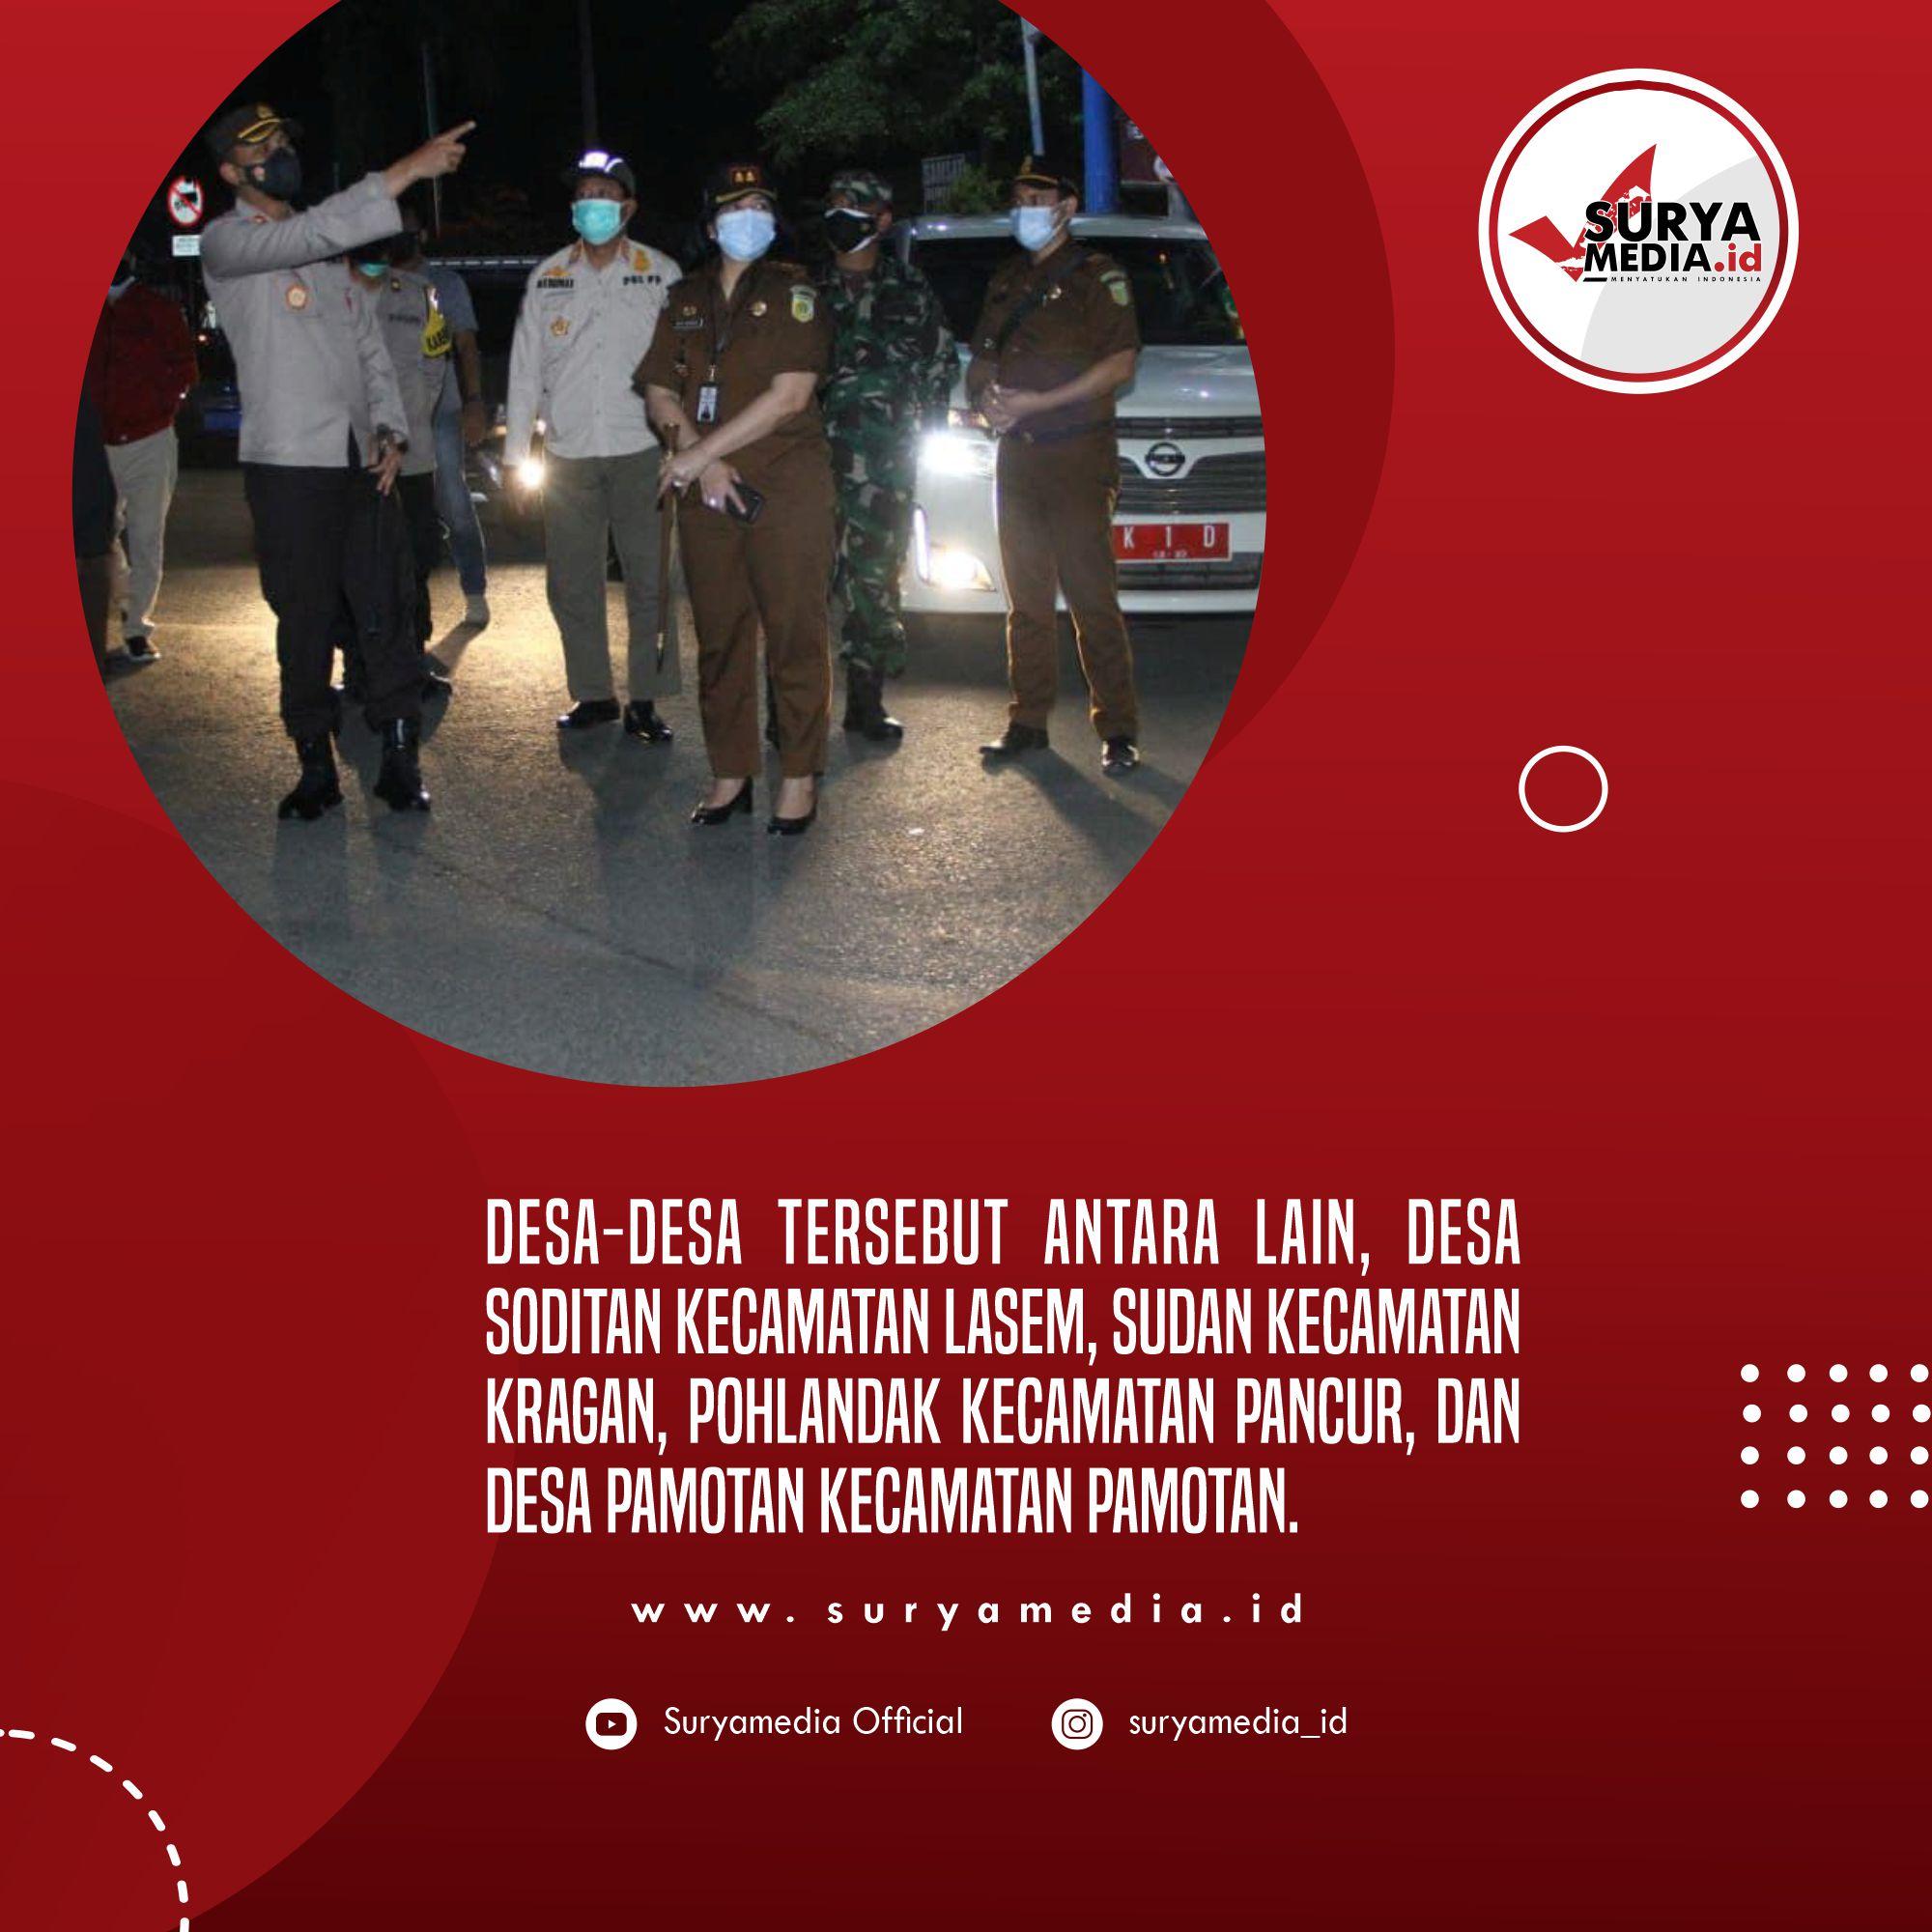 Partisipasi Masyarakat Rembang Terhadap PPKM Darurat Cukup Tinggi C